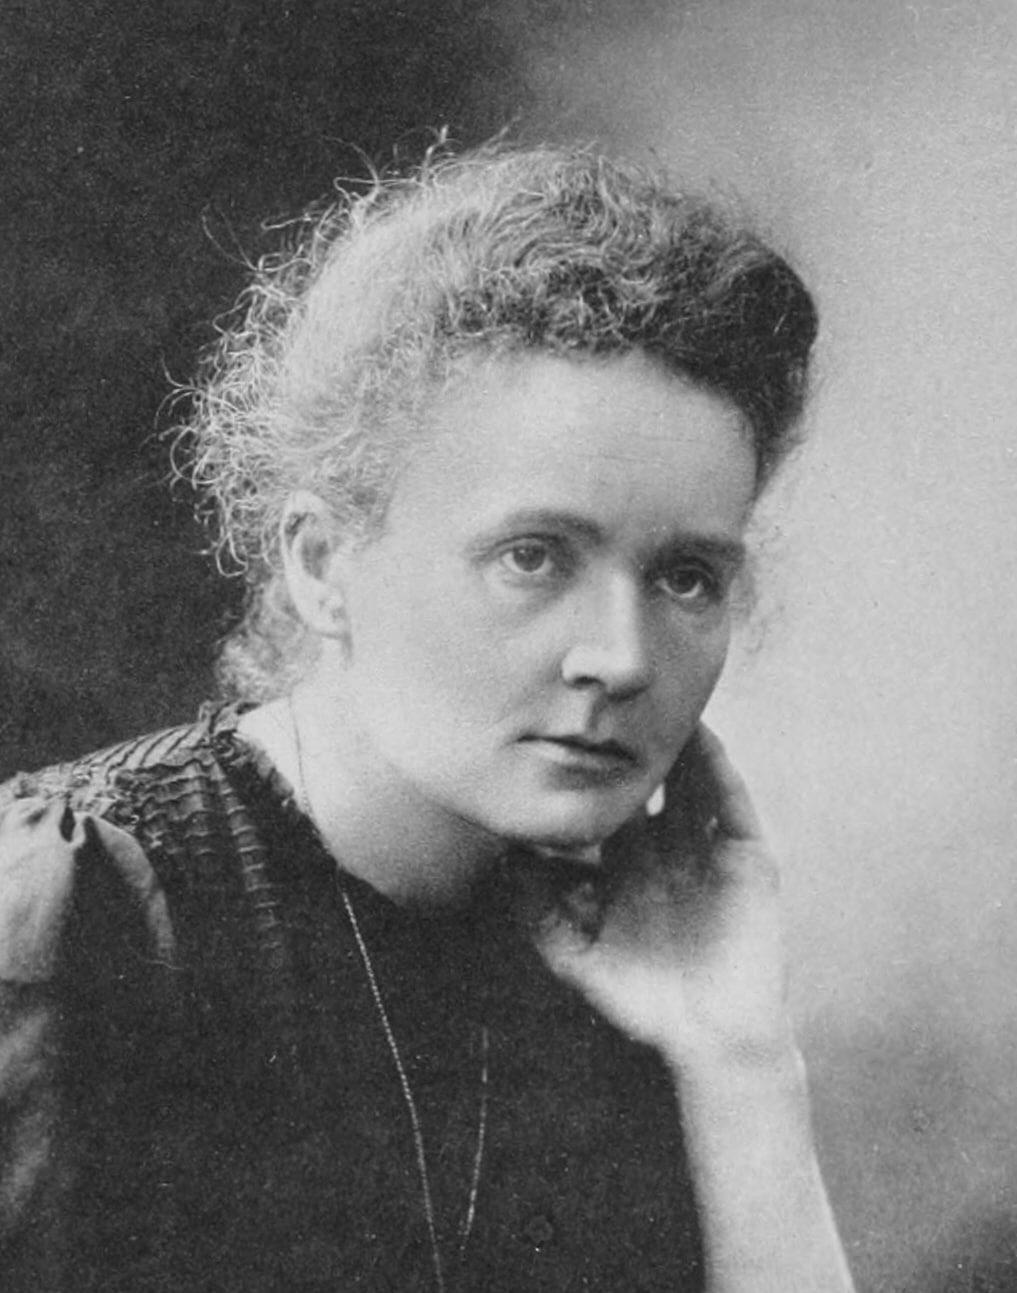 Fotografie von Marie Curie